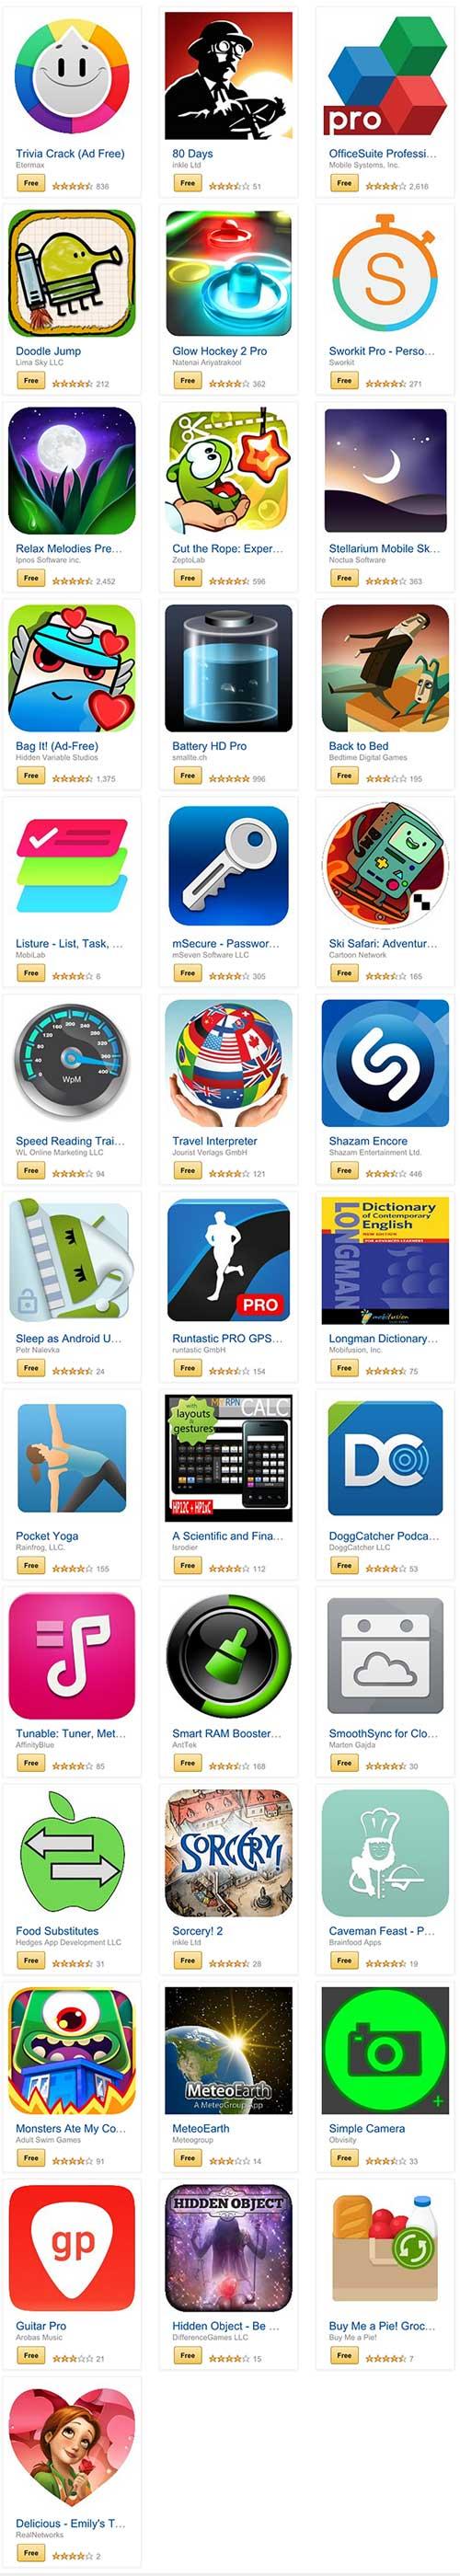 أكثر من 30 تطبيق أندرويد مدفوع أصبح مجانا لوقت محدود